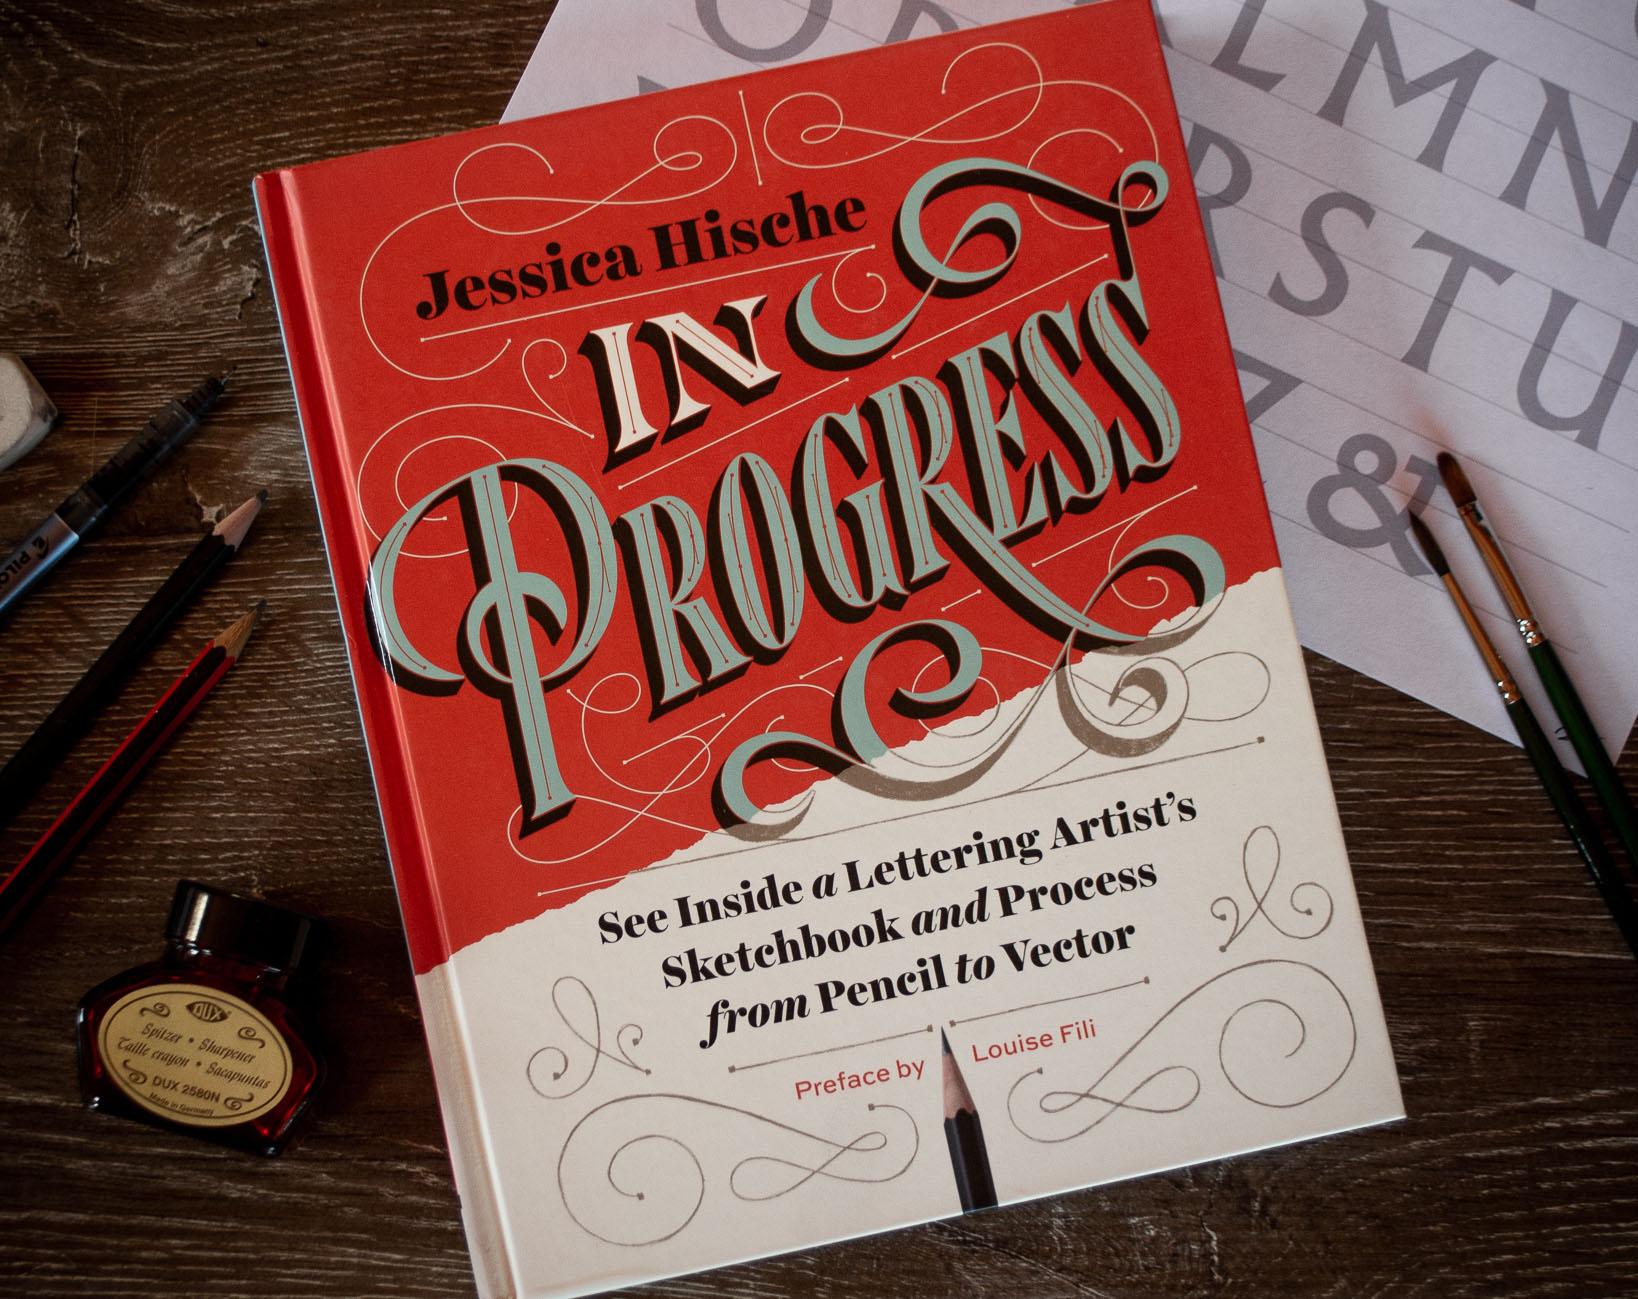 Work in Progress by Jessica Hische